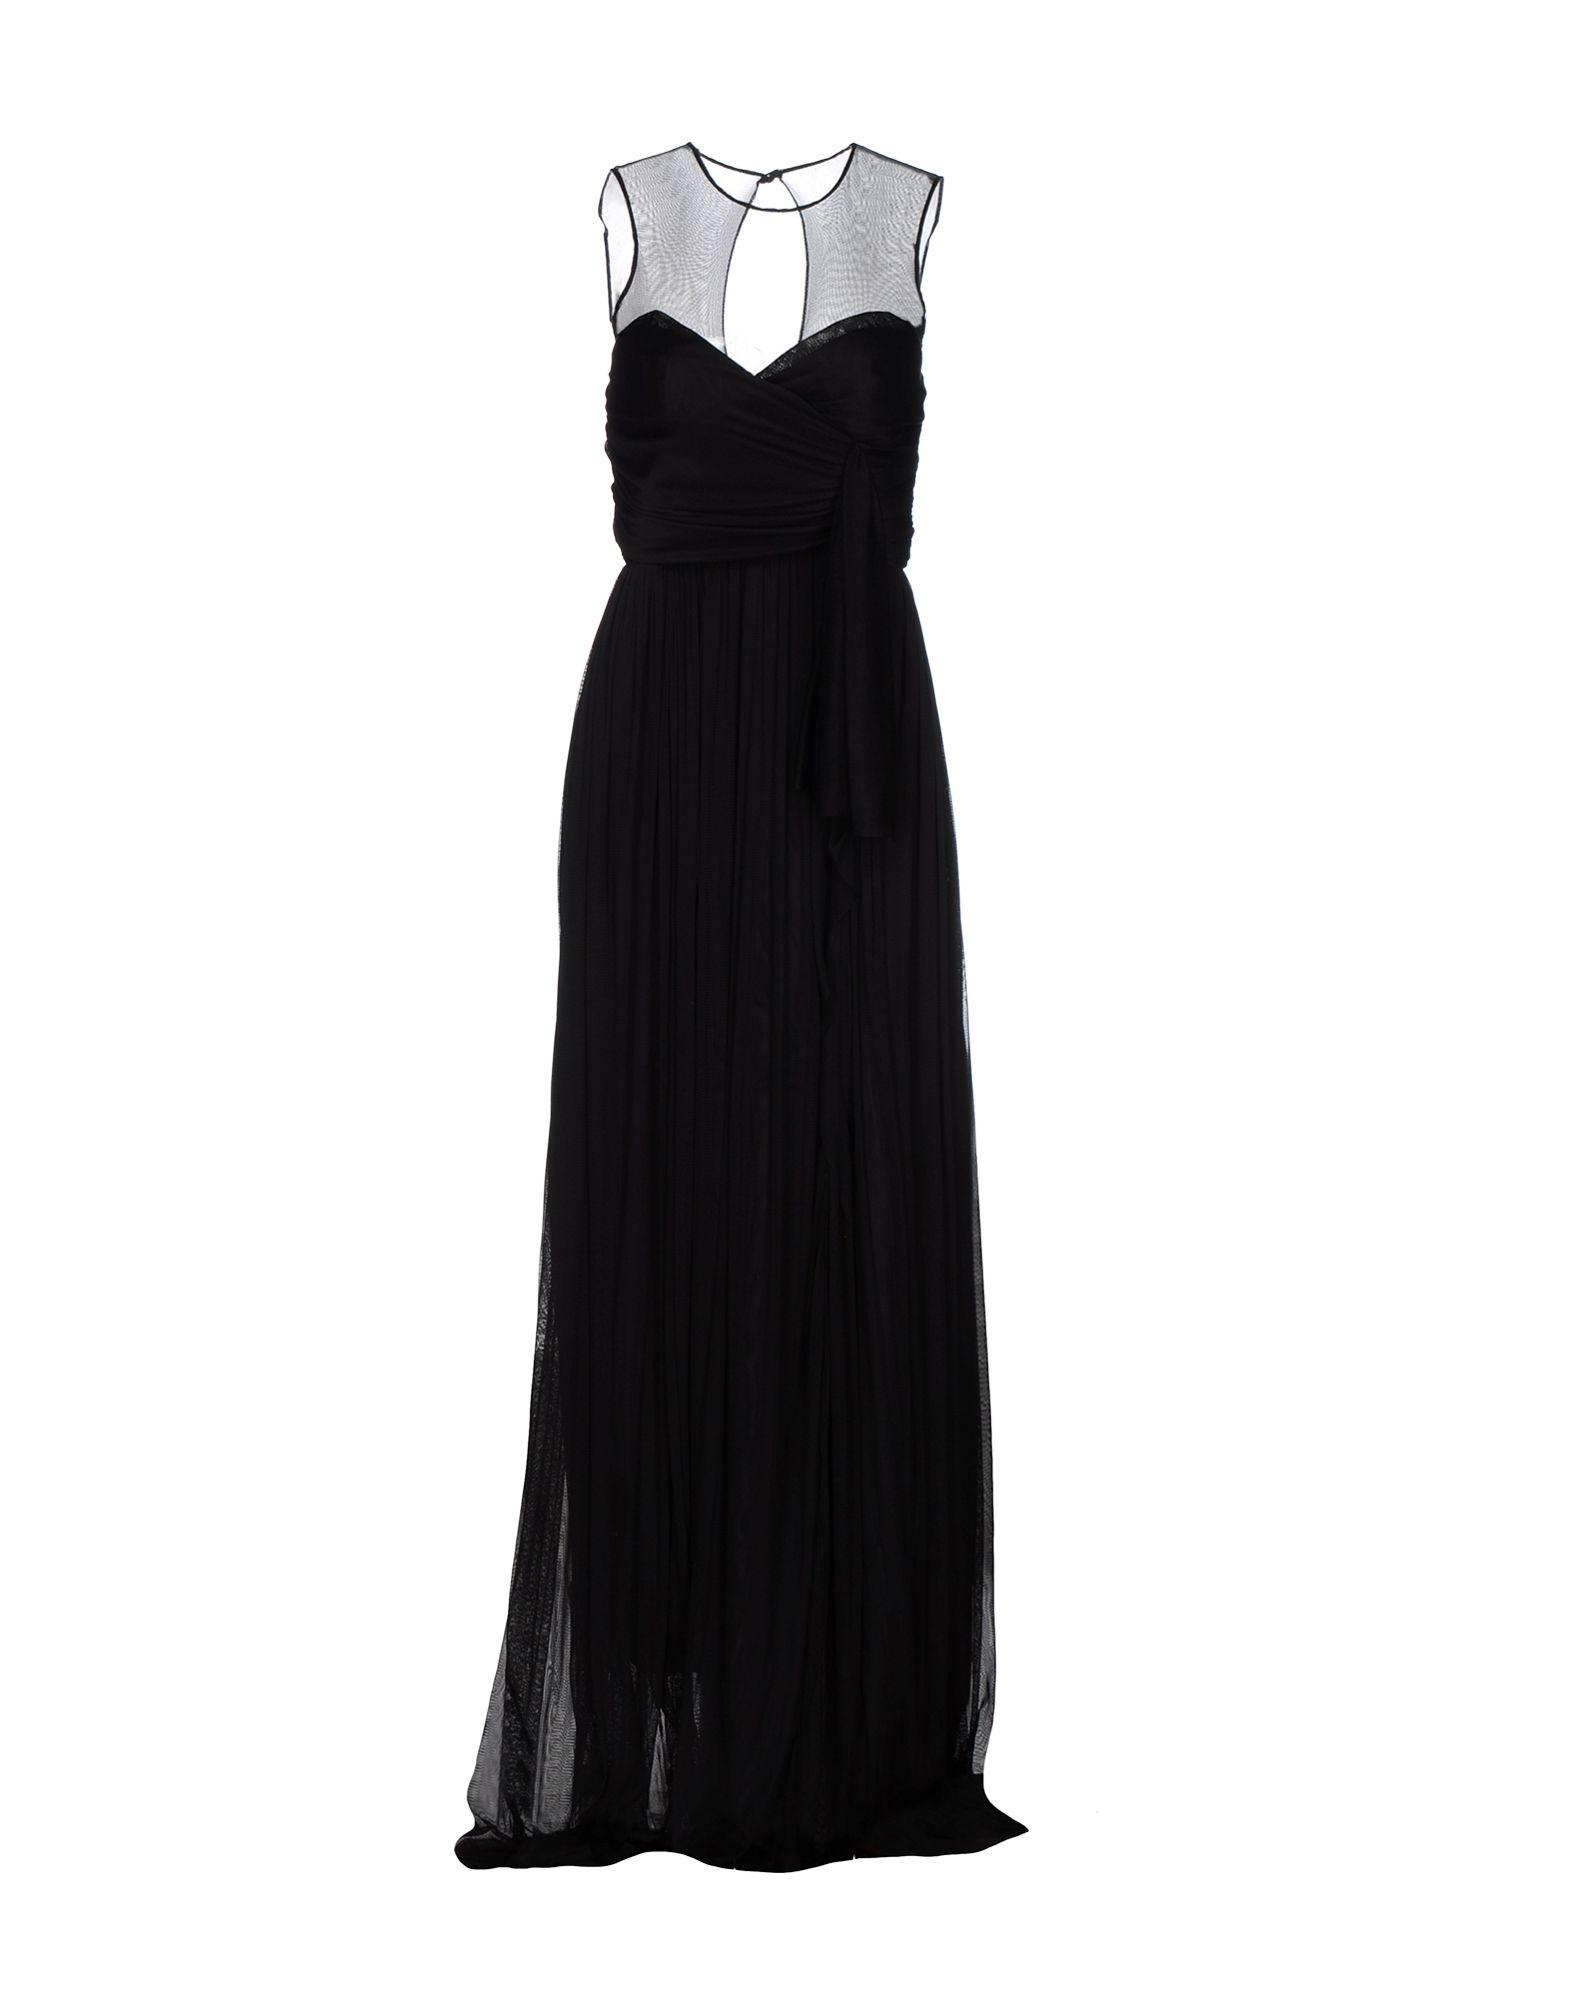 MARCO BOLOGNA Длинное платье платье короткое спереди длинное сзади летнее